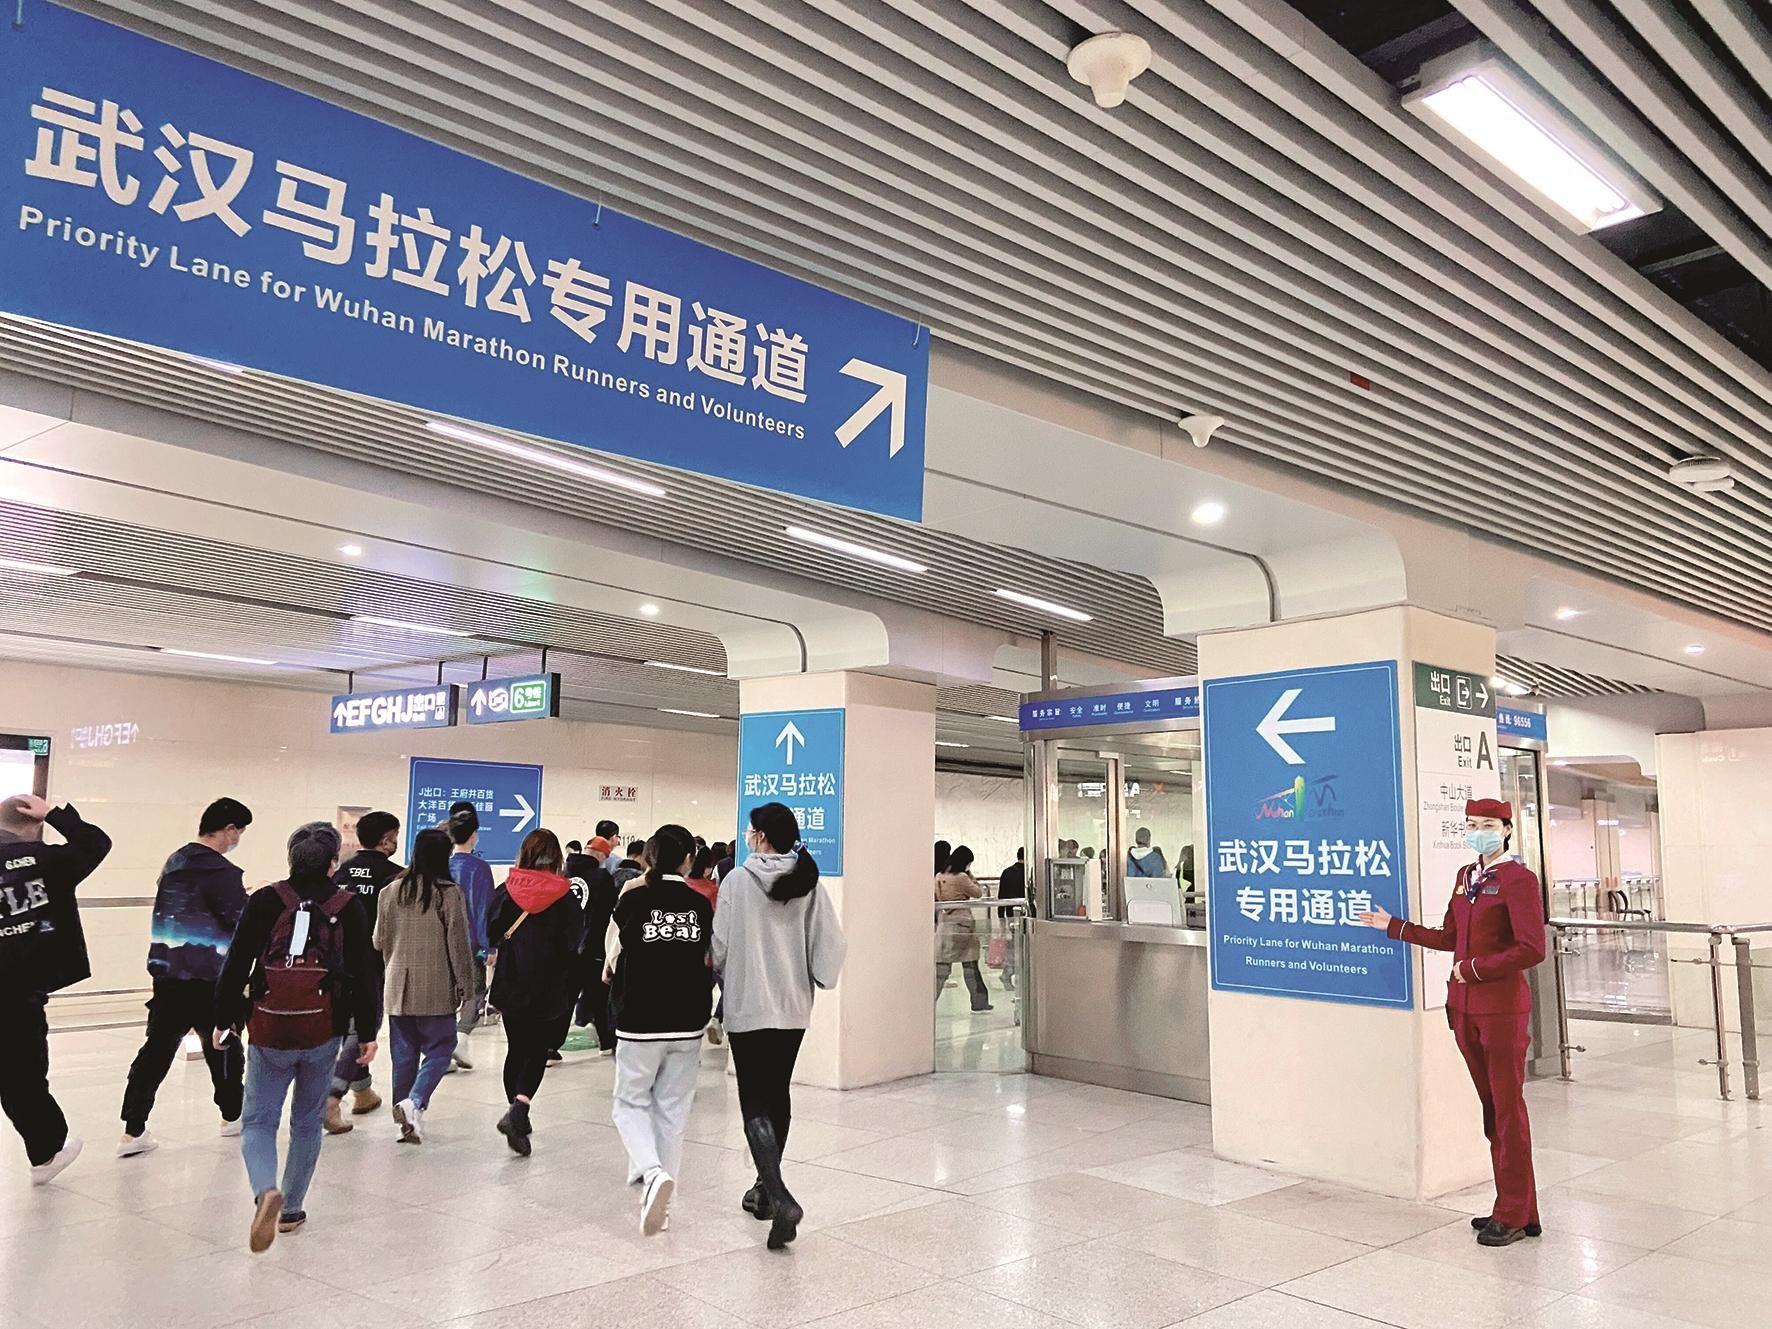 汉马当天两地铁线将提前开班 选手和志愿者可免费乘坐